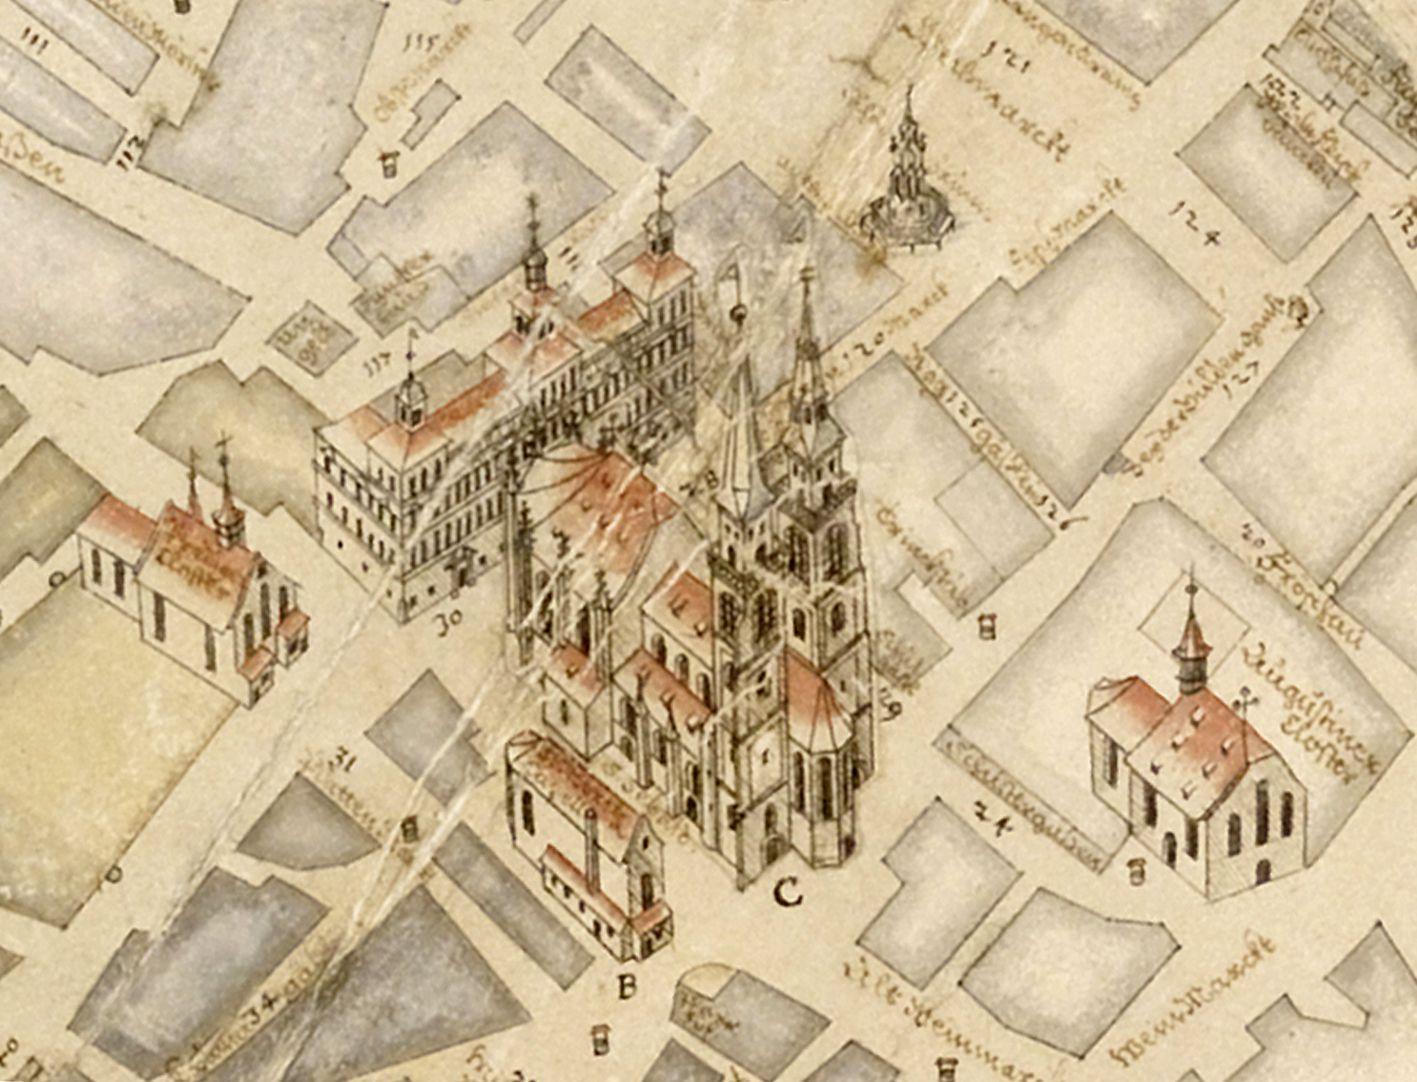 Prospekt aus der Vogelschau auf die Senkrechte gebrachtes Detail mit von rechts nach links: Augustinerkirche, Schöner Brunnen, Sankt Sebald, Moritzkapelle, Rathaus und Dominikanerkirche